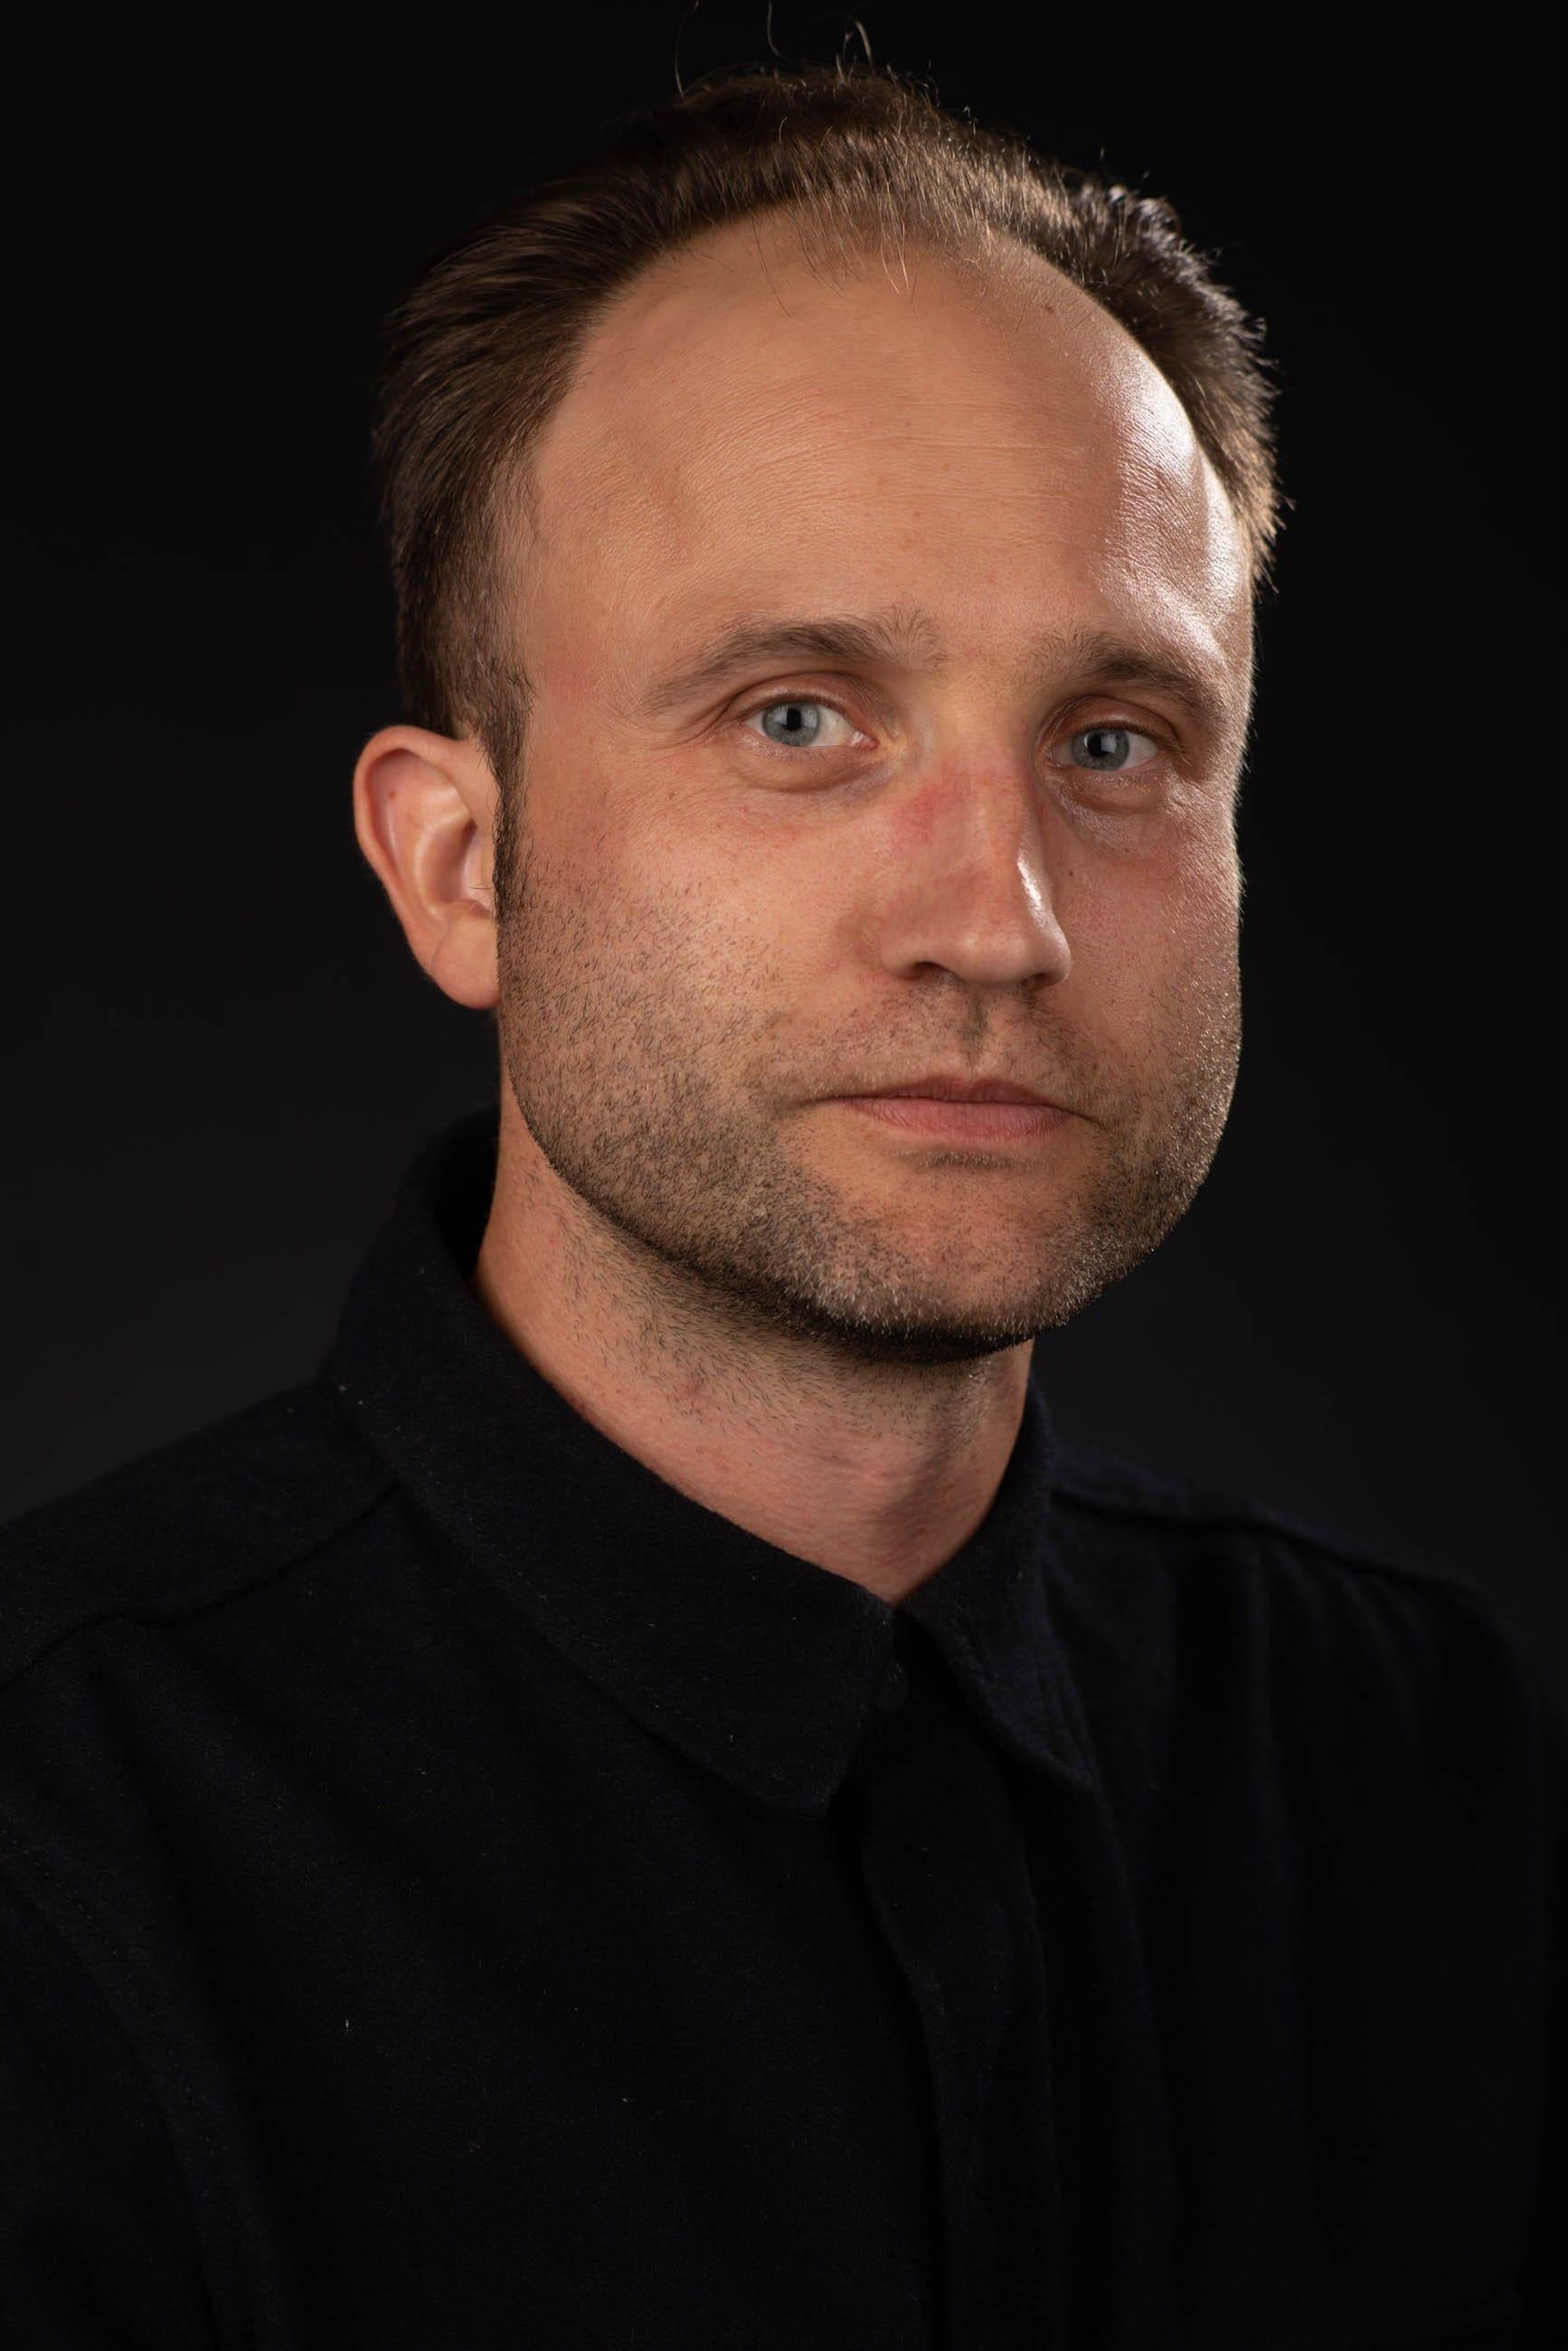 Petter Width Kristiansen